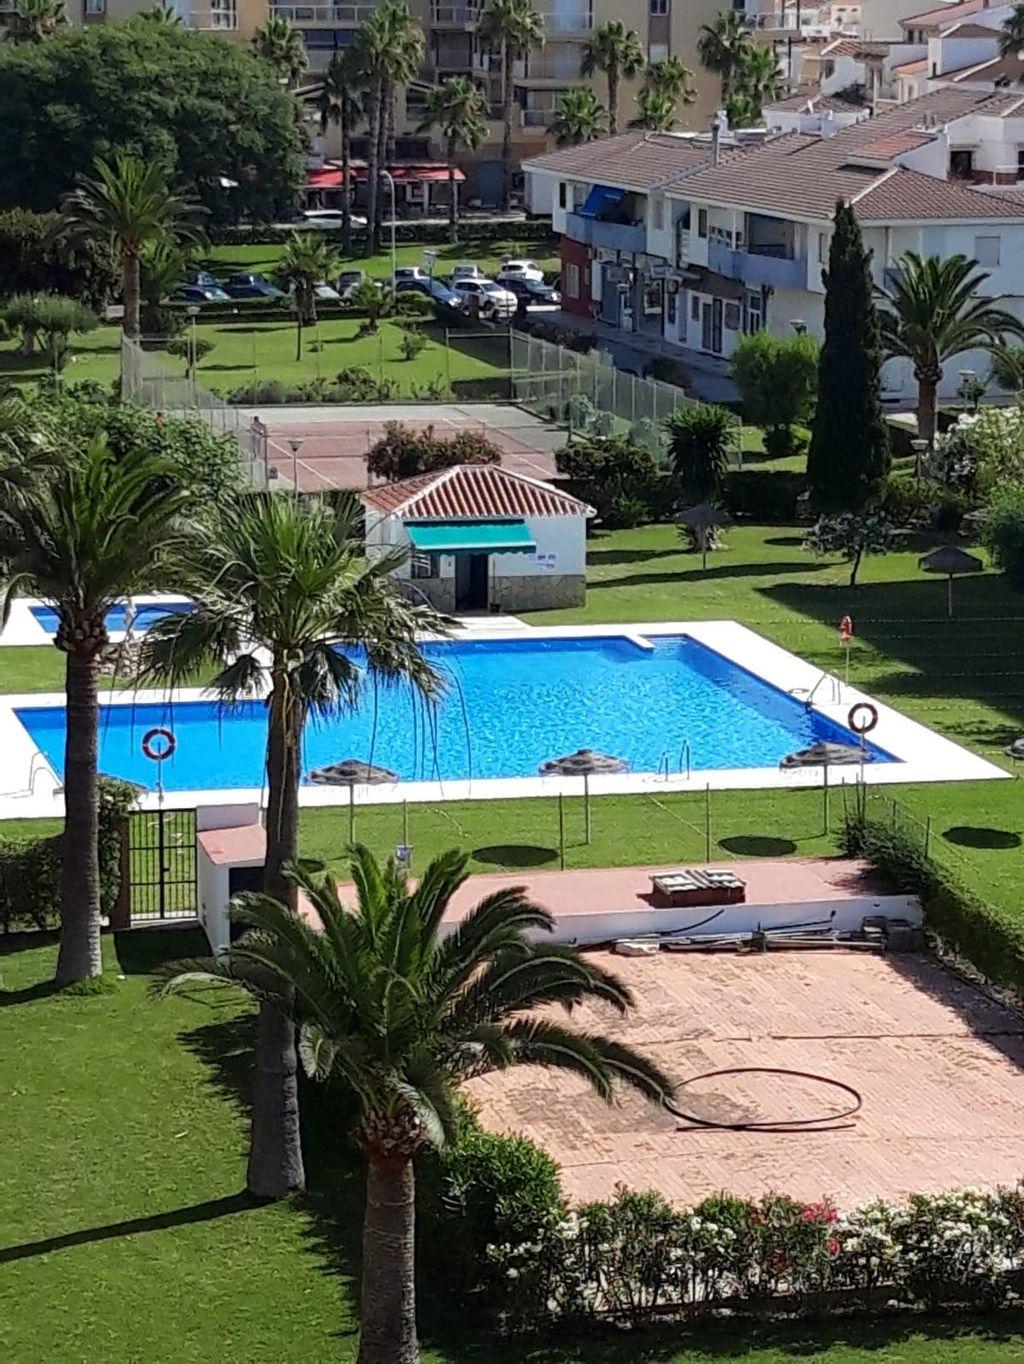 oferta del 15 al 19 de Julio (El Peñoncillo, Málaga)